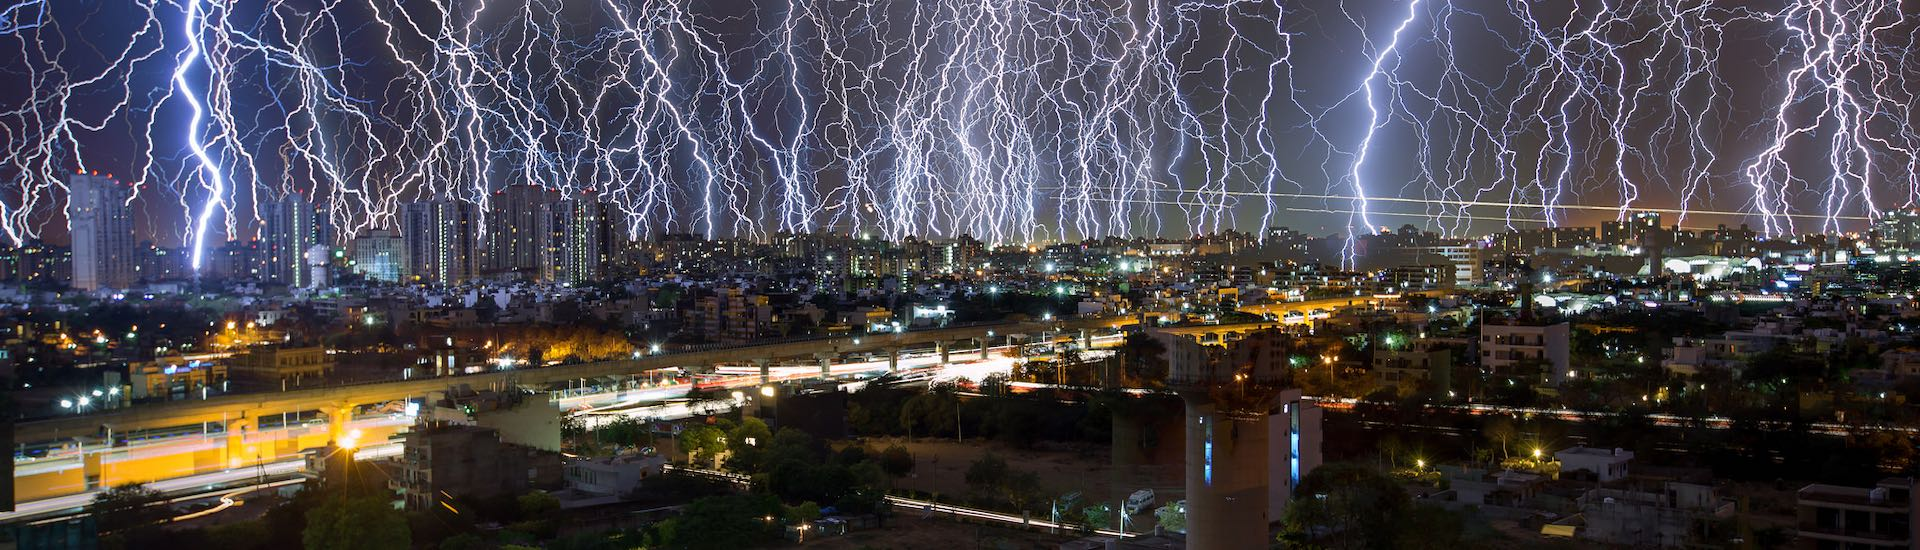 lightning_1920